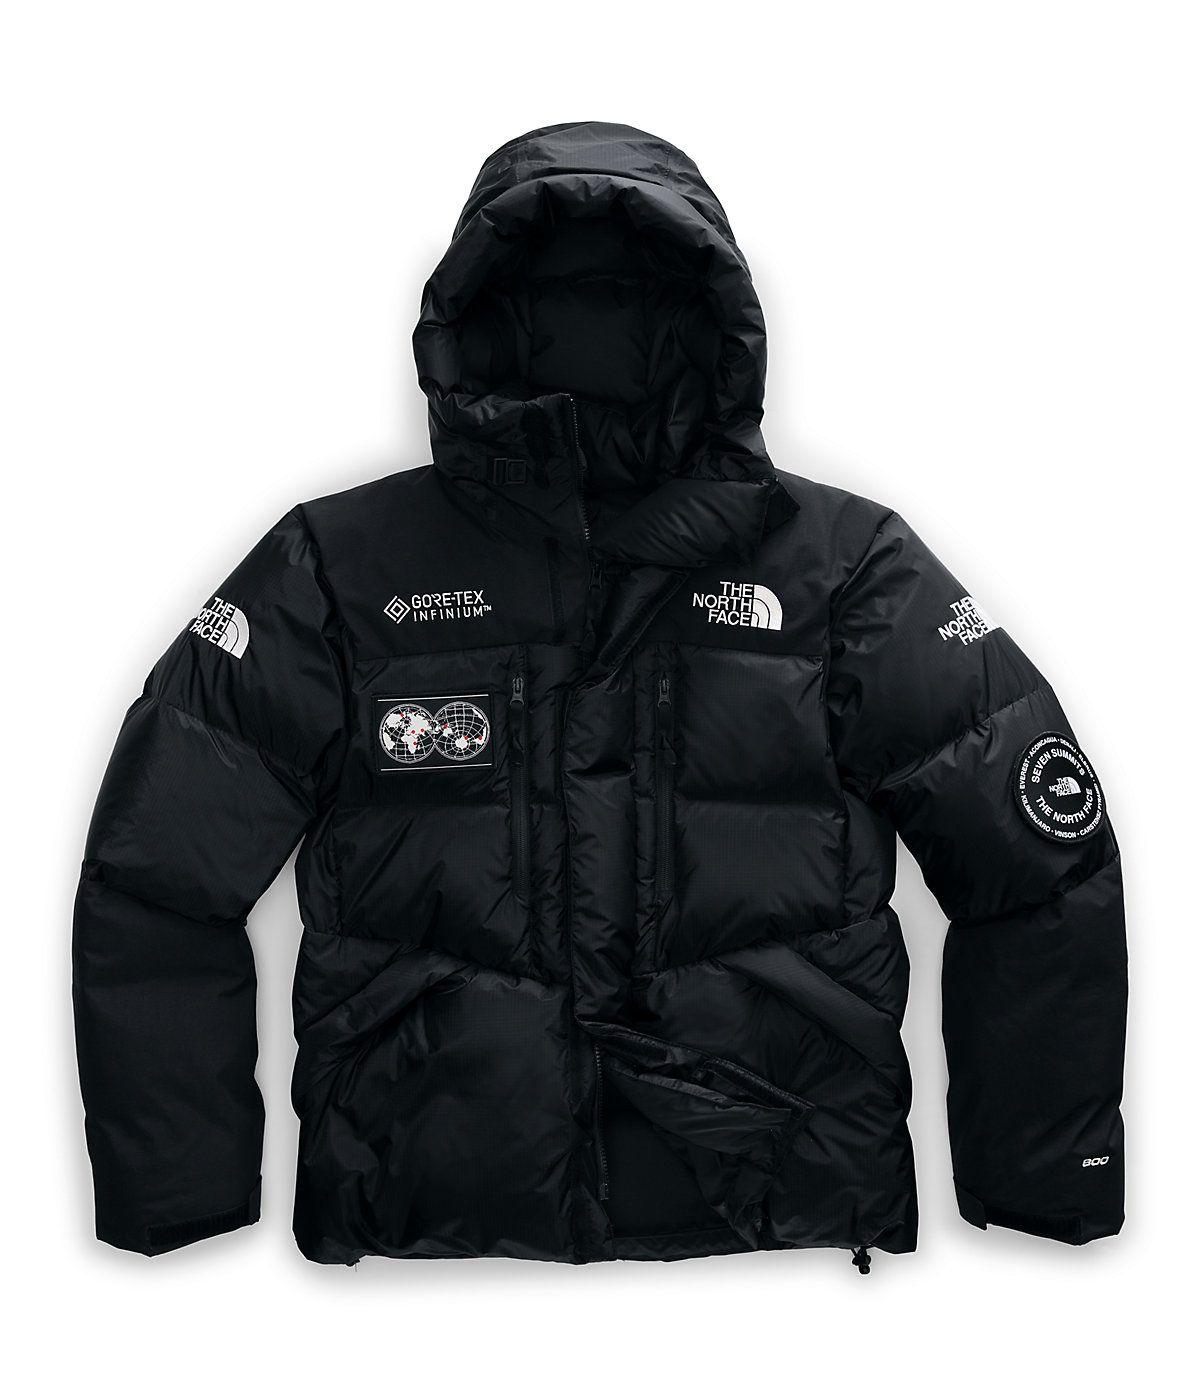 Men S Hmlyn Down Parka The North Face In 2021 Streetwear Men Outfits Winter Jacket Men Parka [ 1396 x 1200 Pixel ]